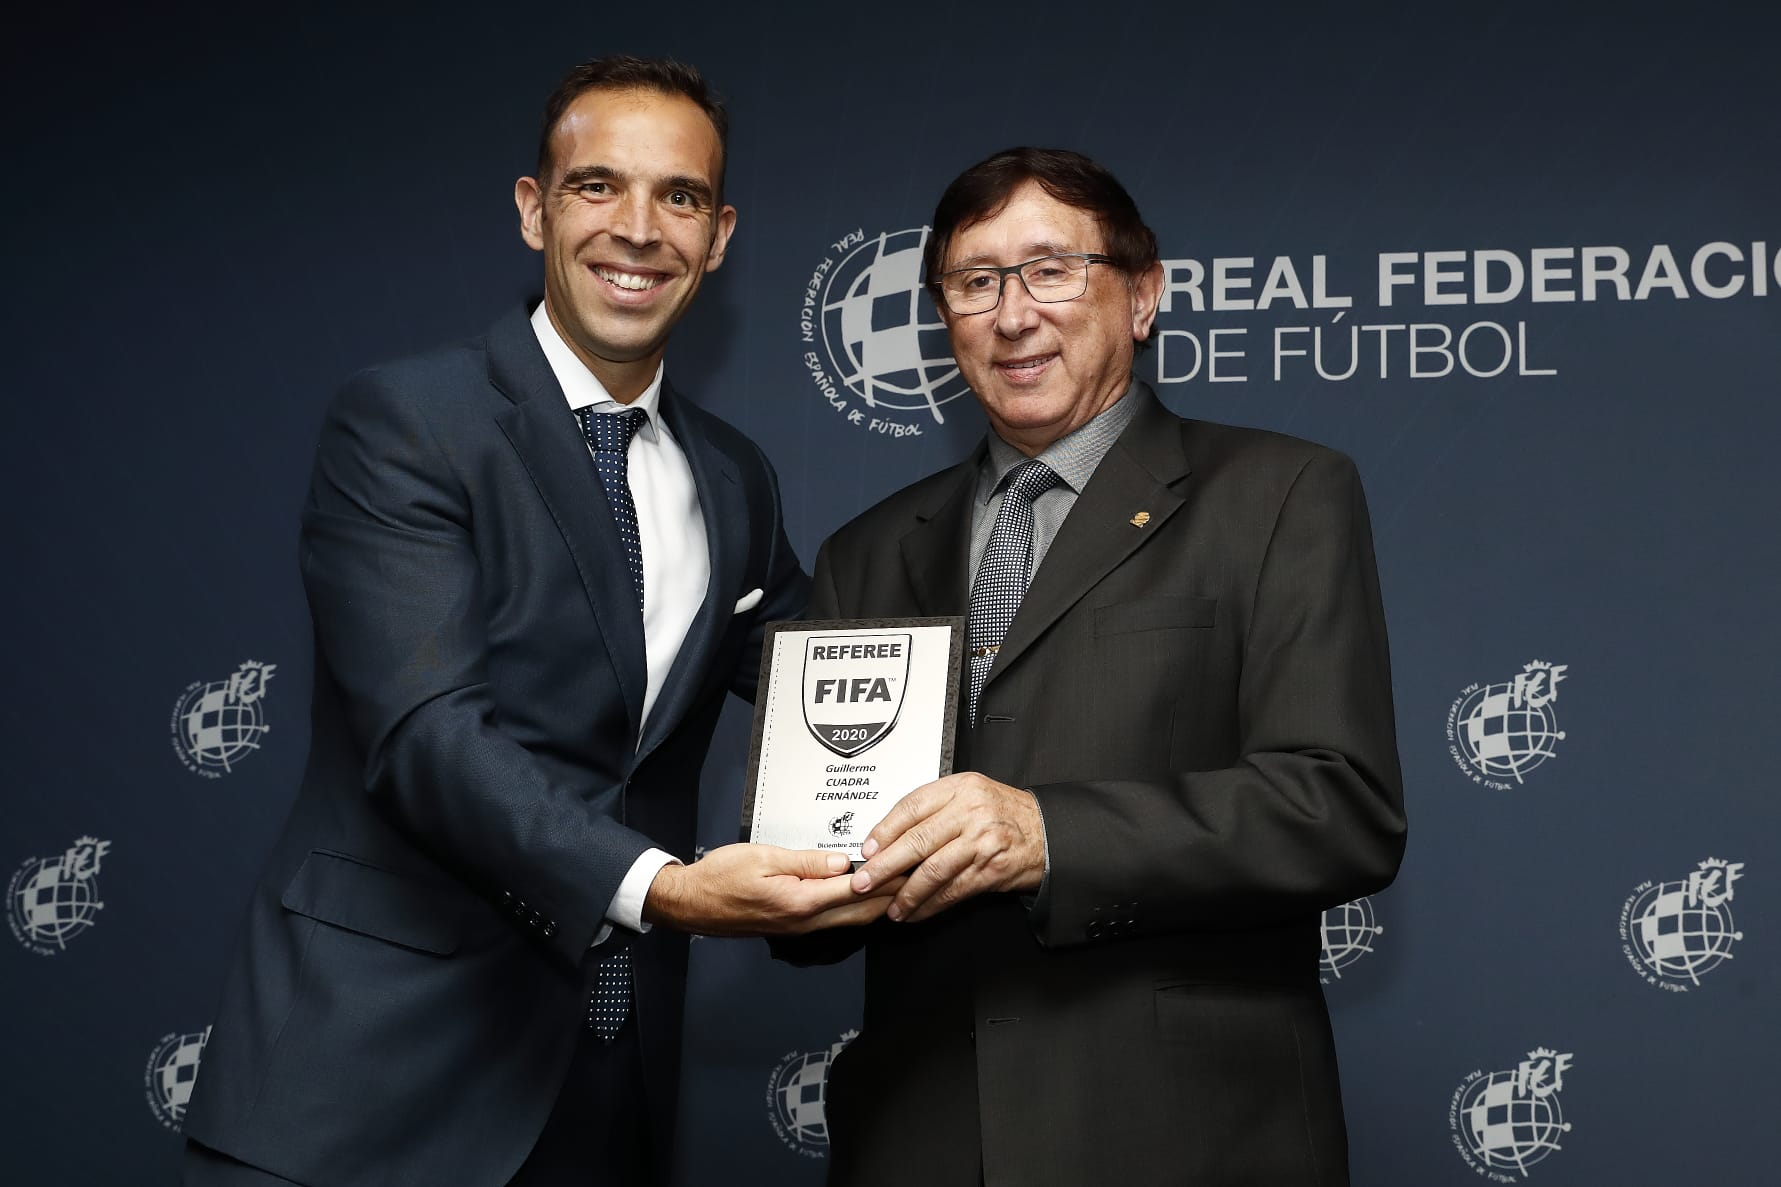 RECONOCIMIENTO FIFA A GUILLERMO CUADRA FERNANDEZ